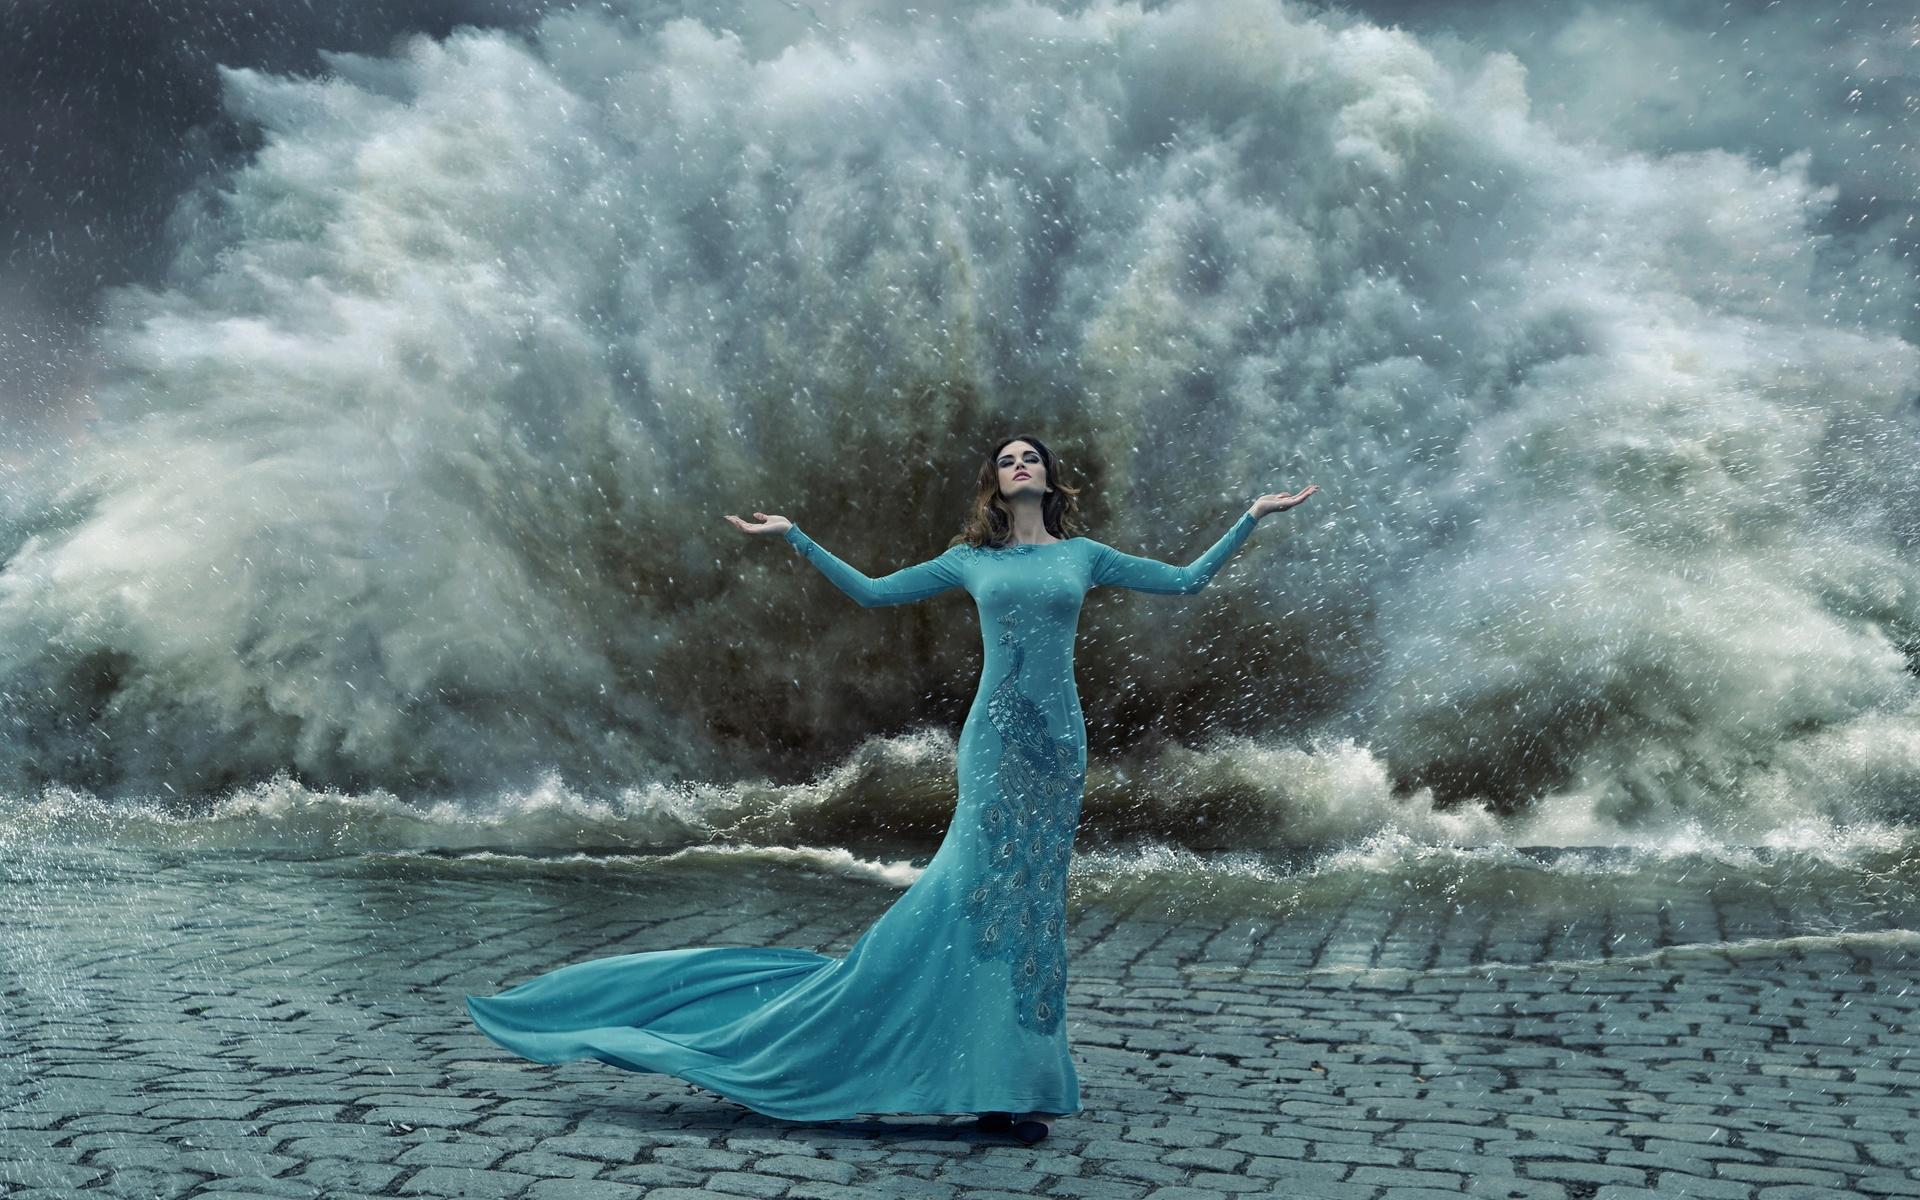 картинки ветра и воды неделю включает себя